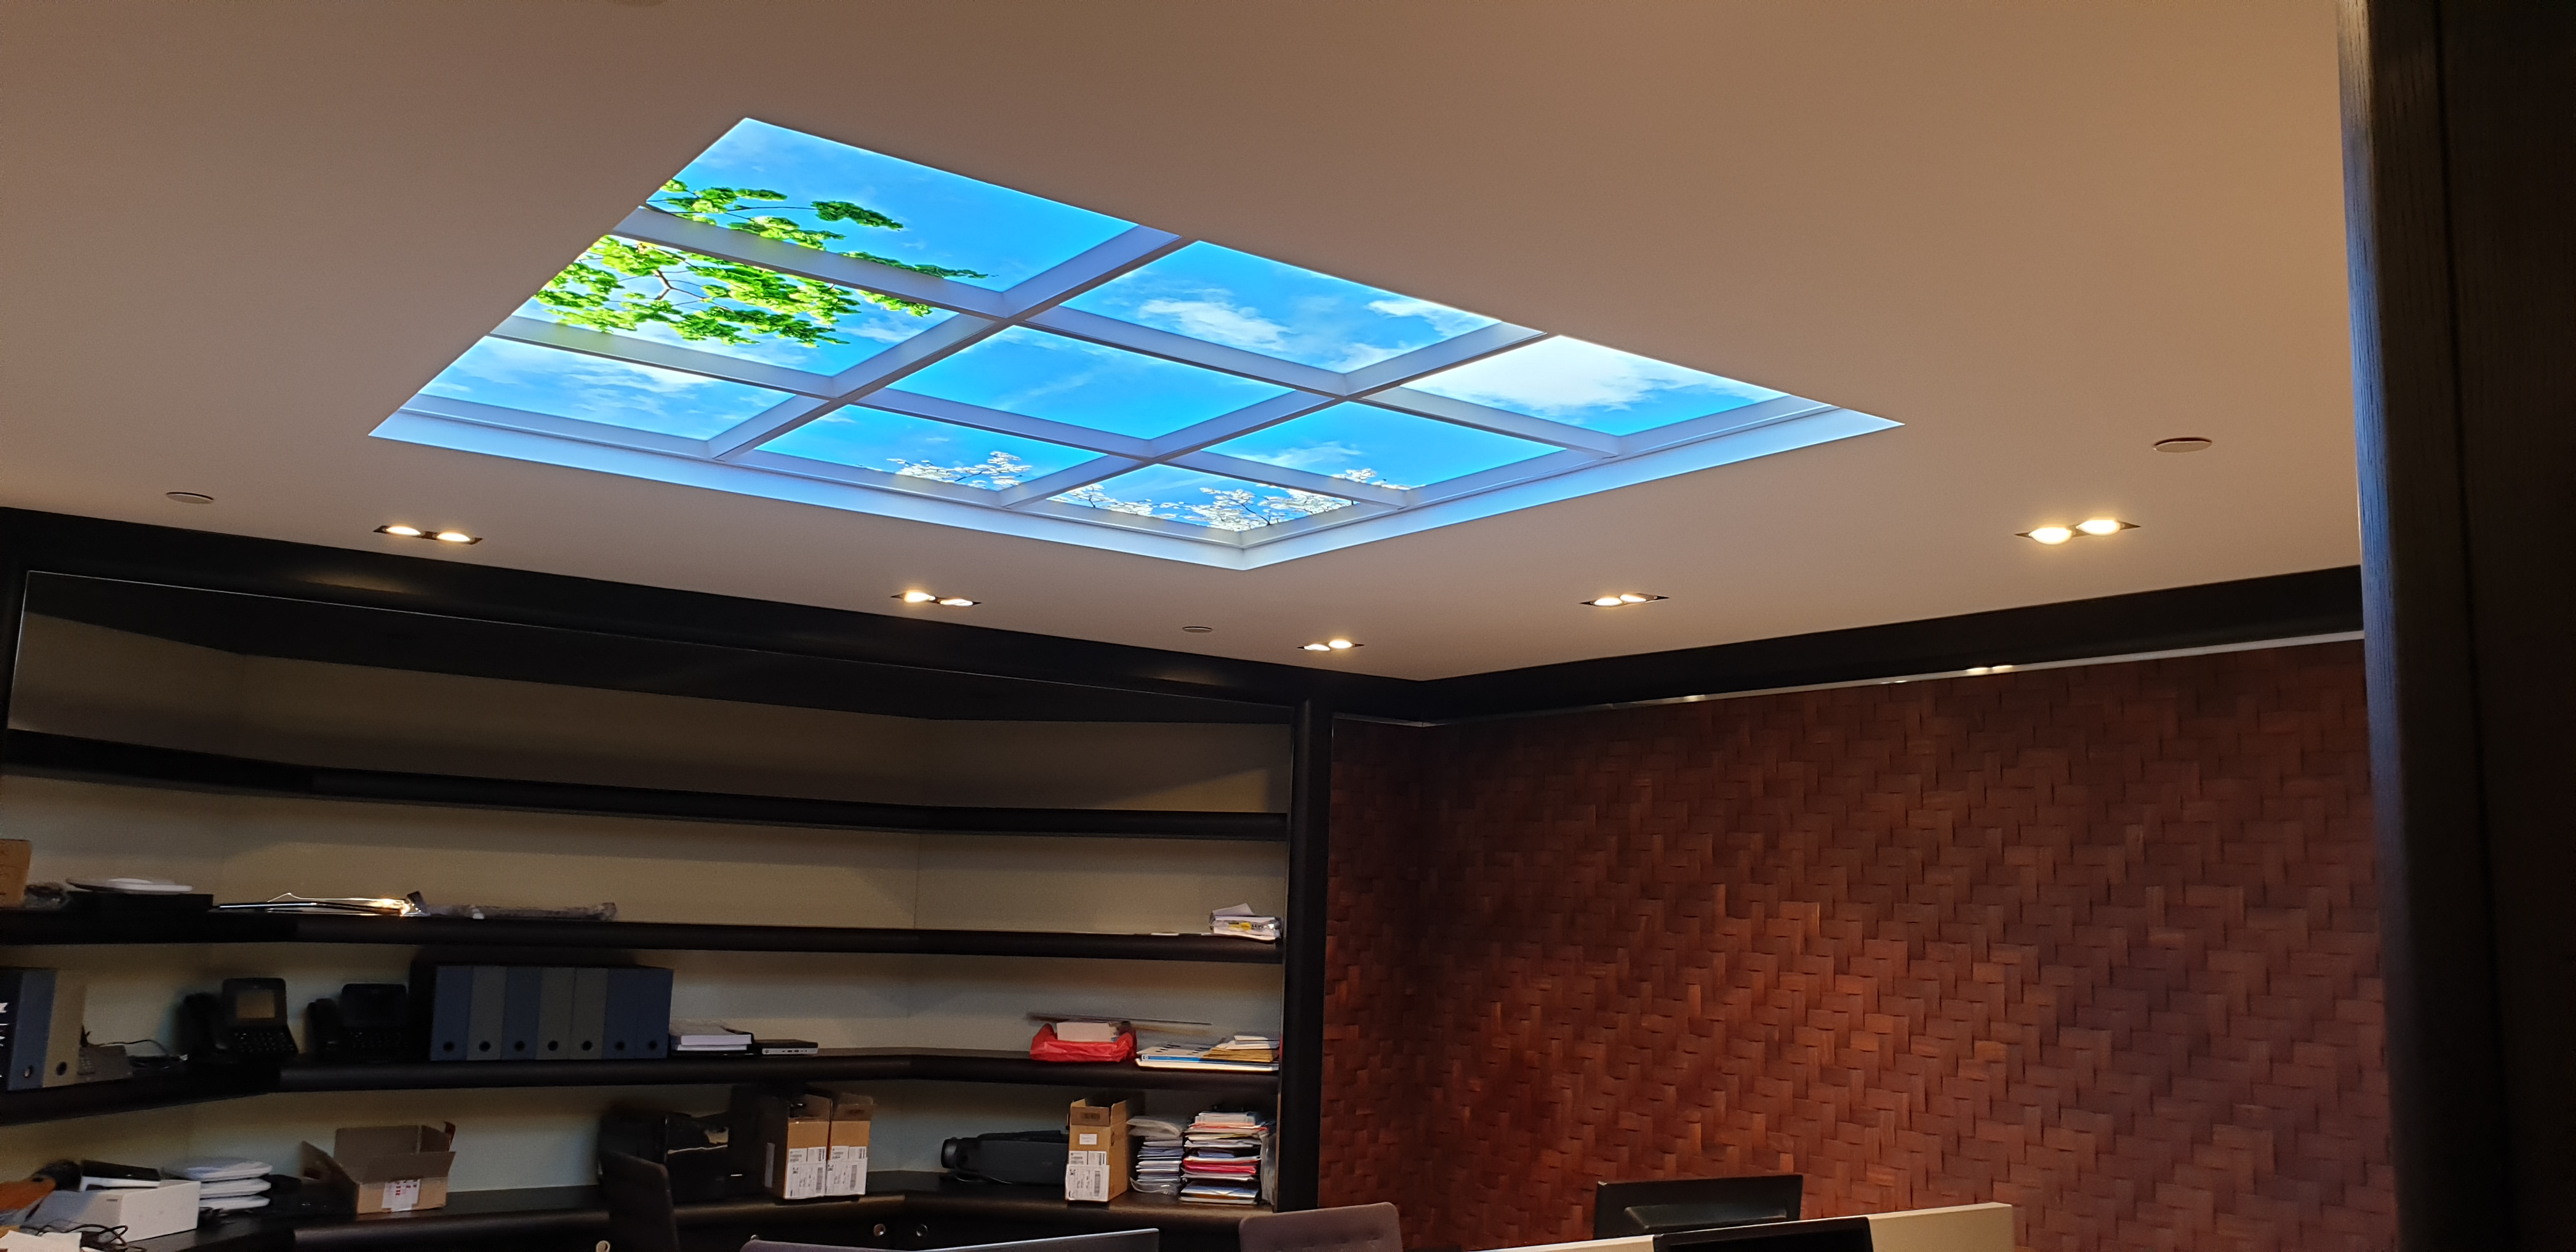 Plafonds lumineux Cumulux encastré dans le faux plafond en placo pour valoriser un espace de travail sans fenêtre